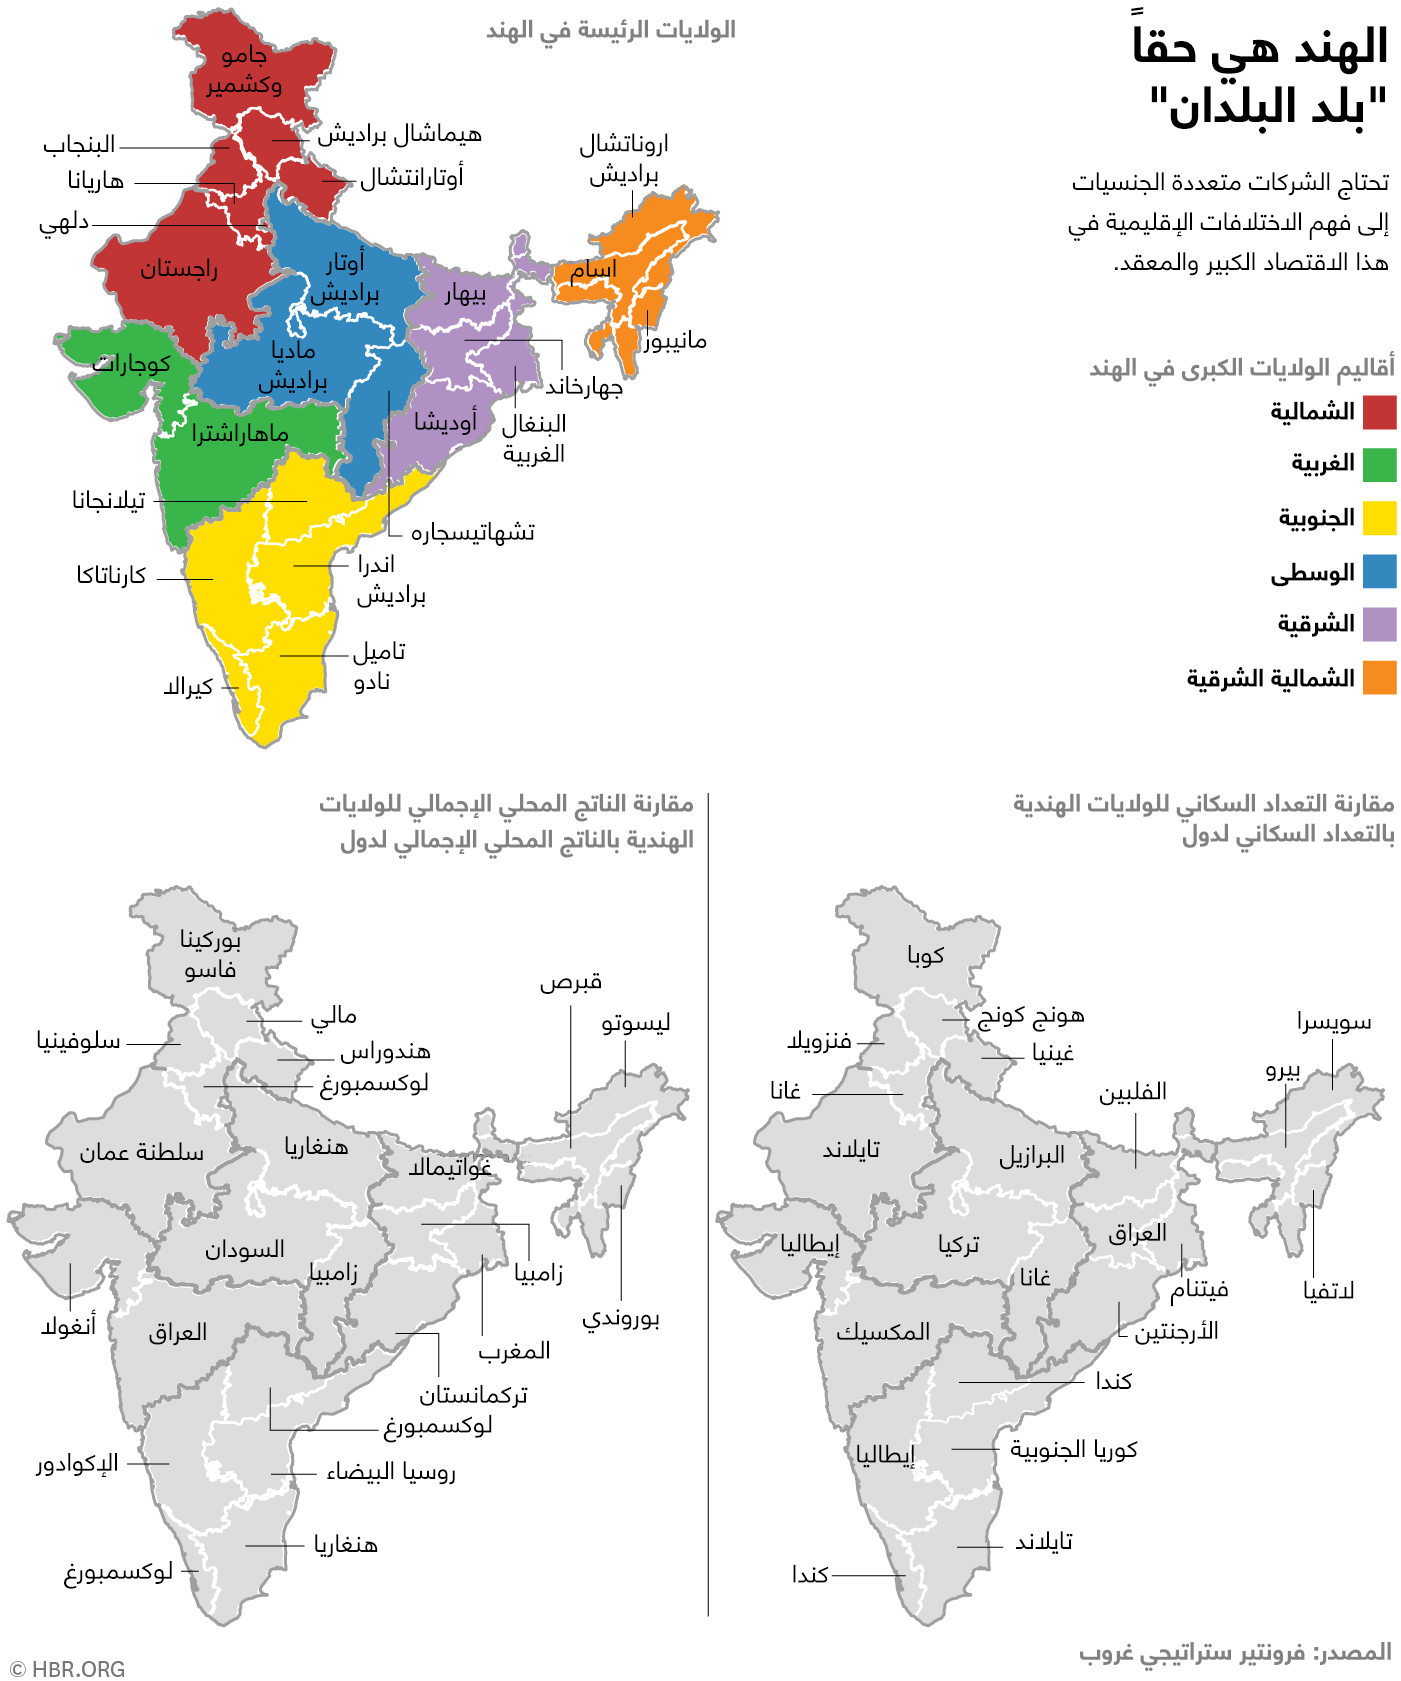 استراتيجية الدول الكبرى